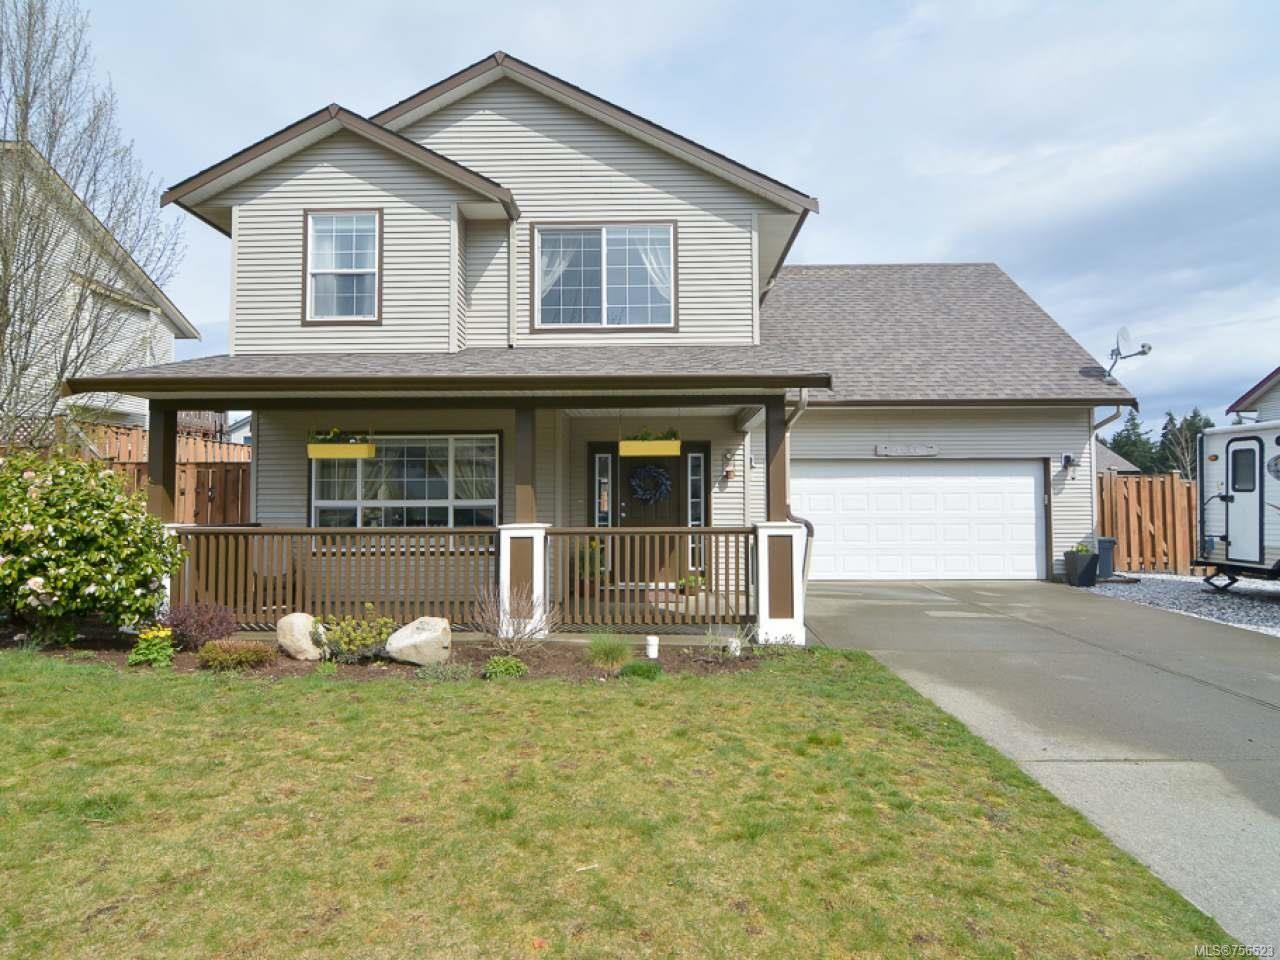 Main Photo: 1216 GARDENER Way in COMOX: CV Comox (Town of) House for sale (Comox Valley)  : MLS®# 756523